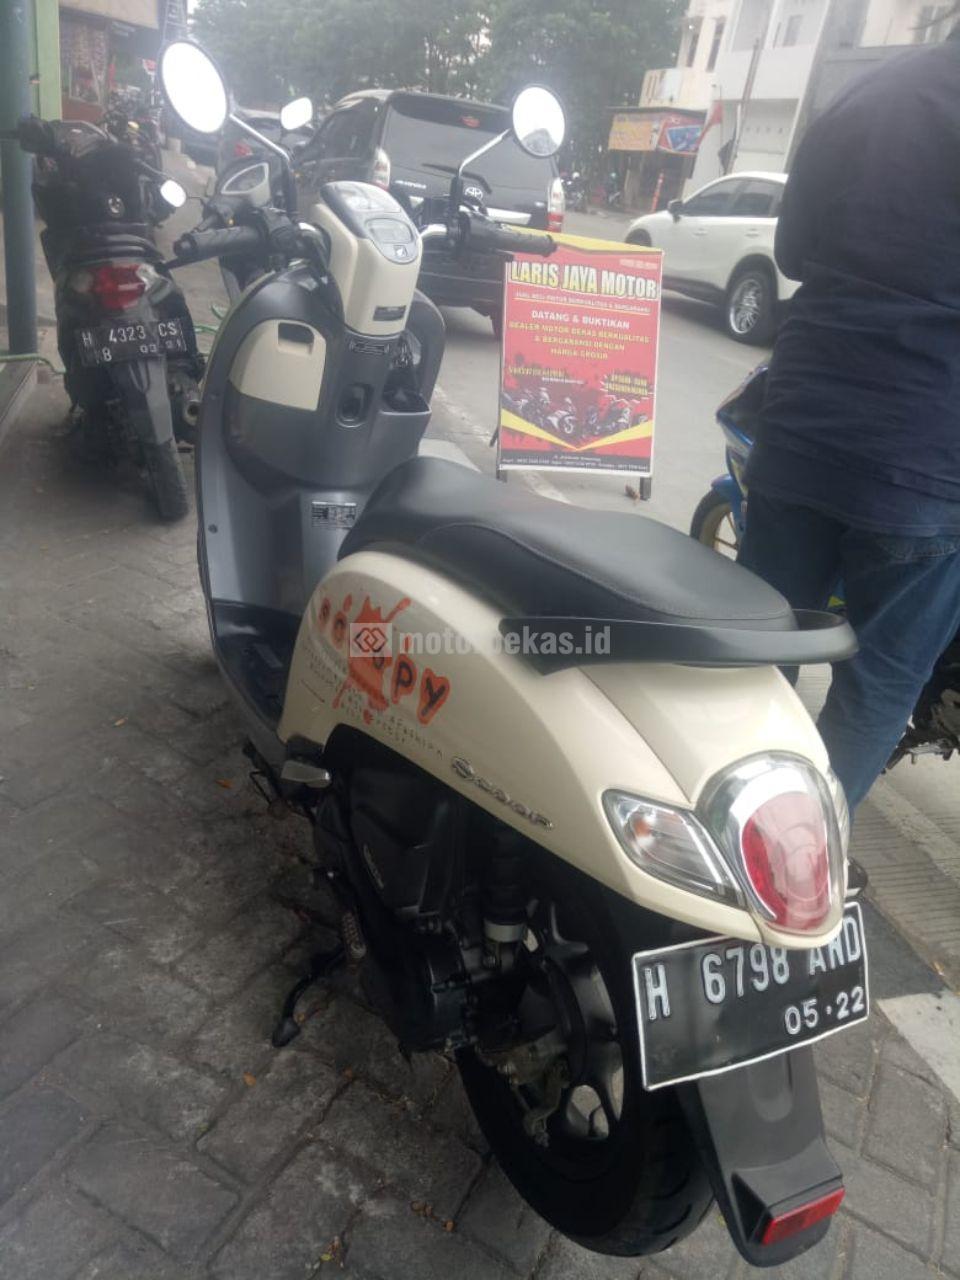 HONDA SCOOPY  3193 motorbekas.id